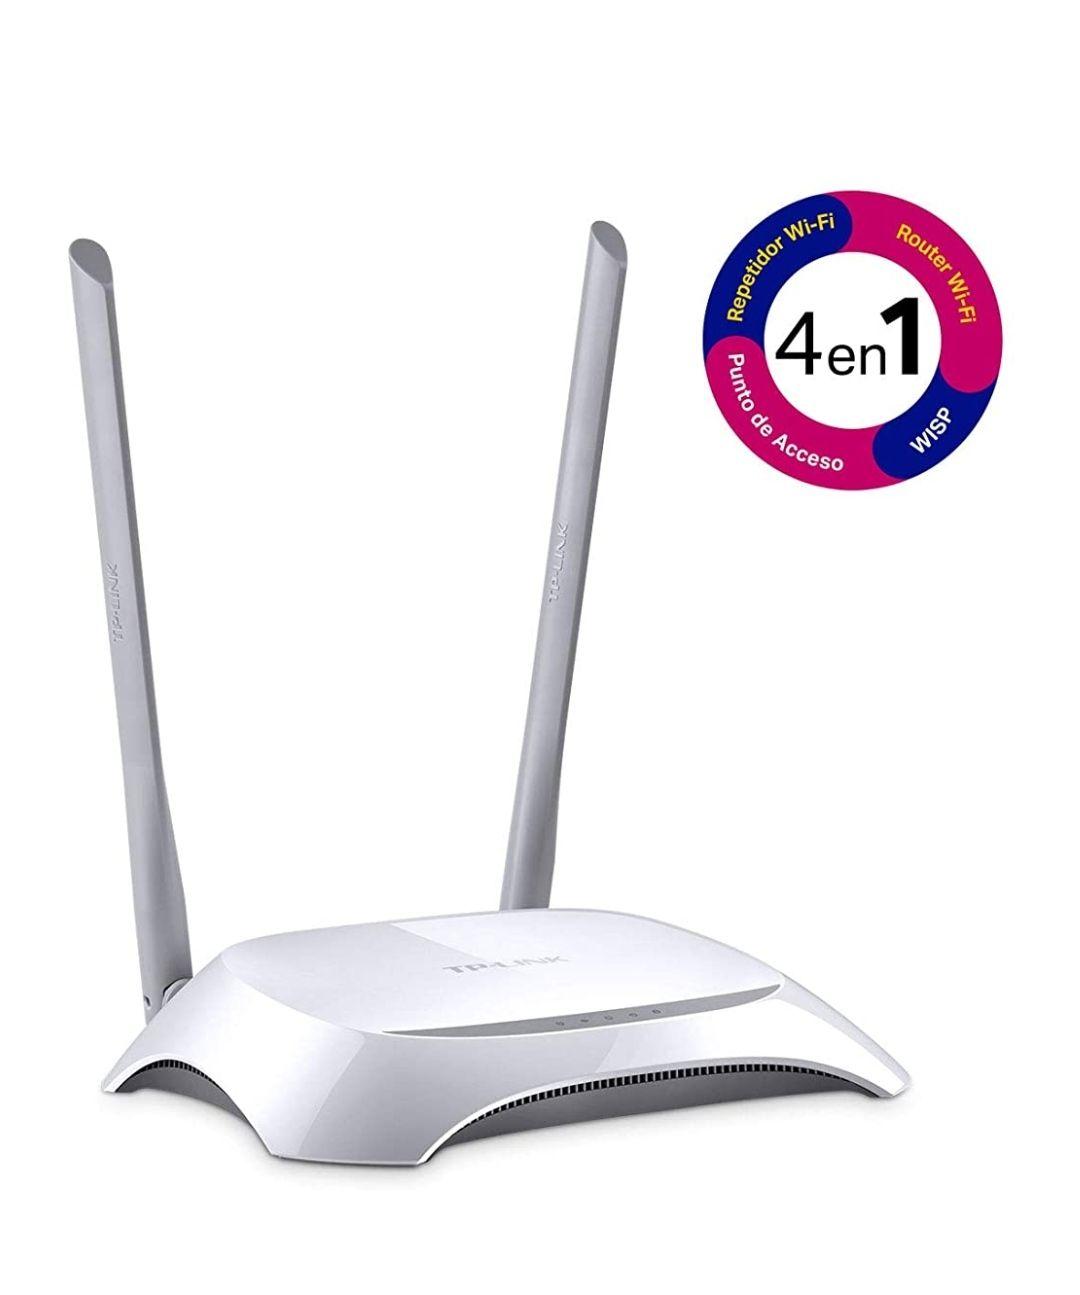 Amazon México: TP-Link WiFi Router TL-WR840N con Multimodo, Router/Repetidor/WISP/Punto de Acceso